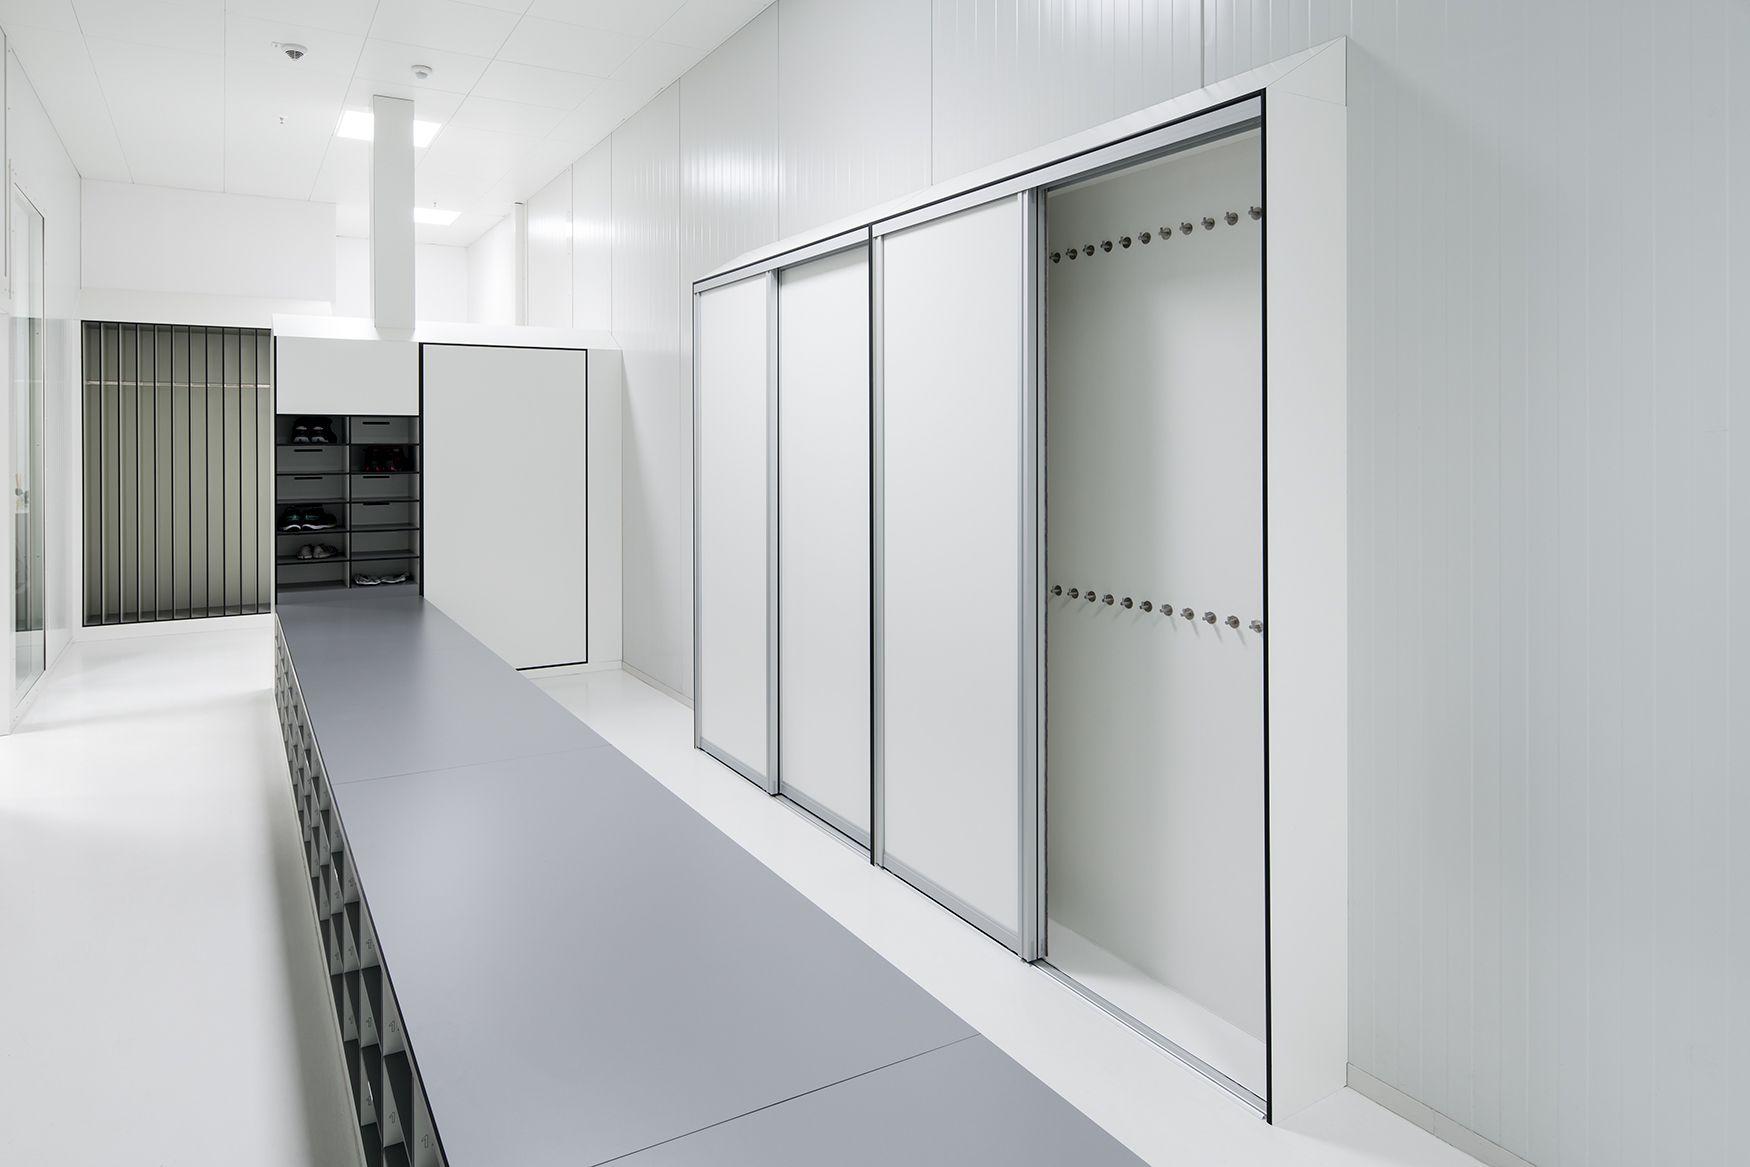 Ubersetzbank In Einer Personalschleuse Im Sauberraum